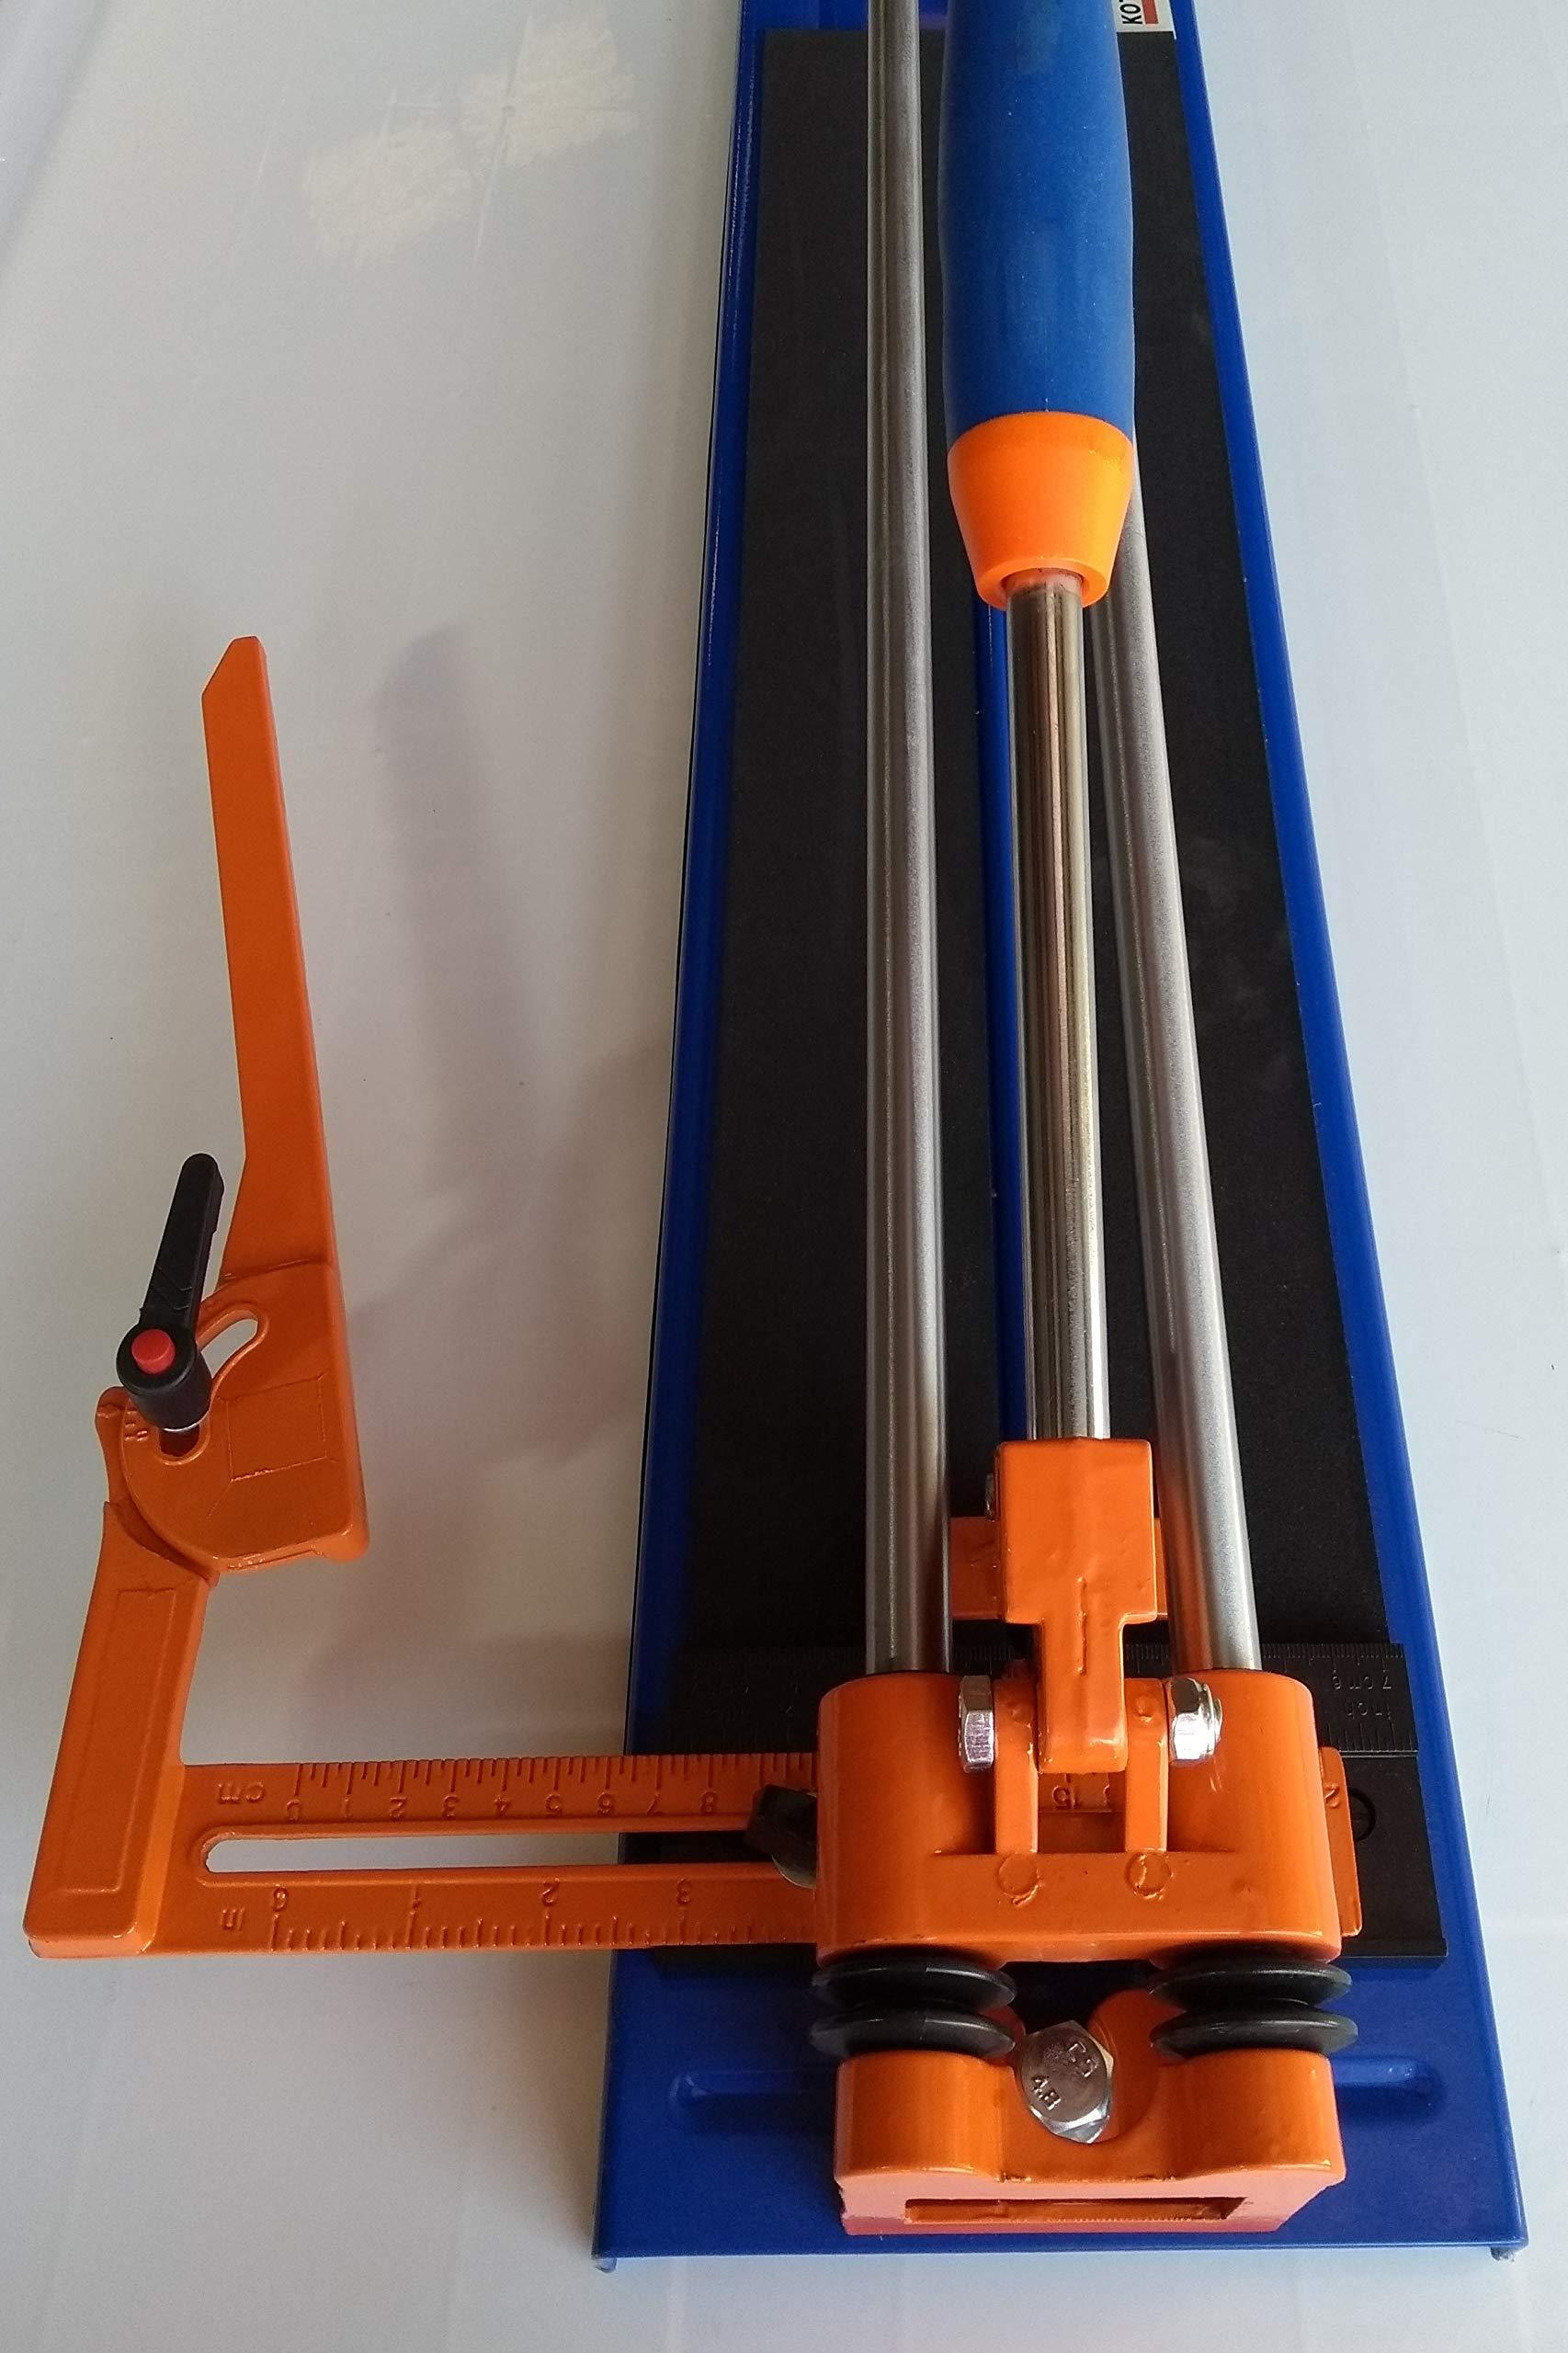 Cortadora cerámica máquina cortar azulejos (corte hasta 60cm) CON MALETIN